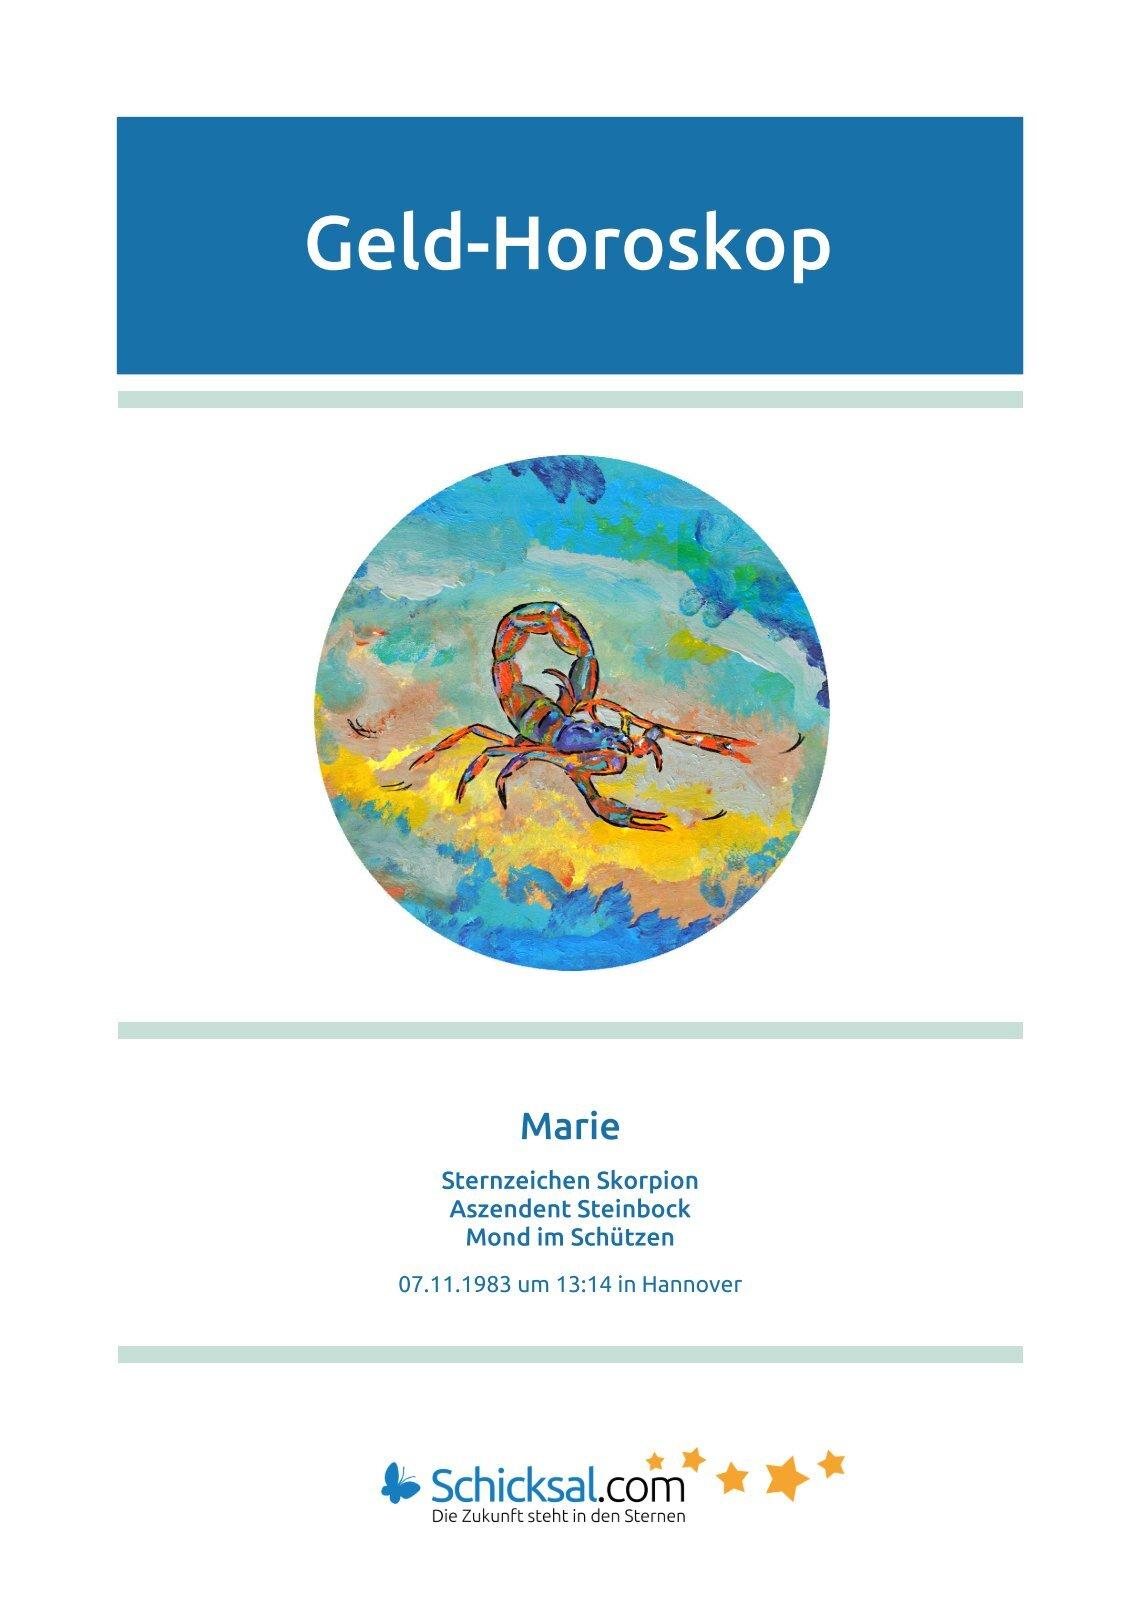 Skorpion - Horoskop - Geld